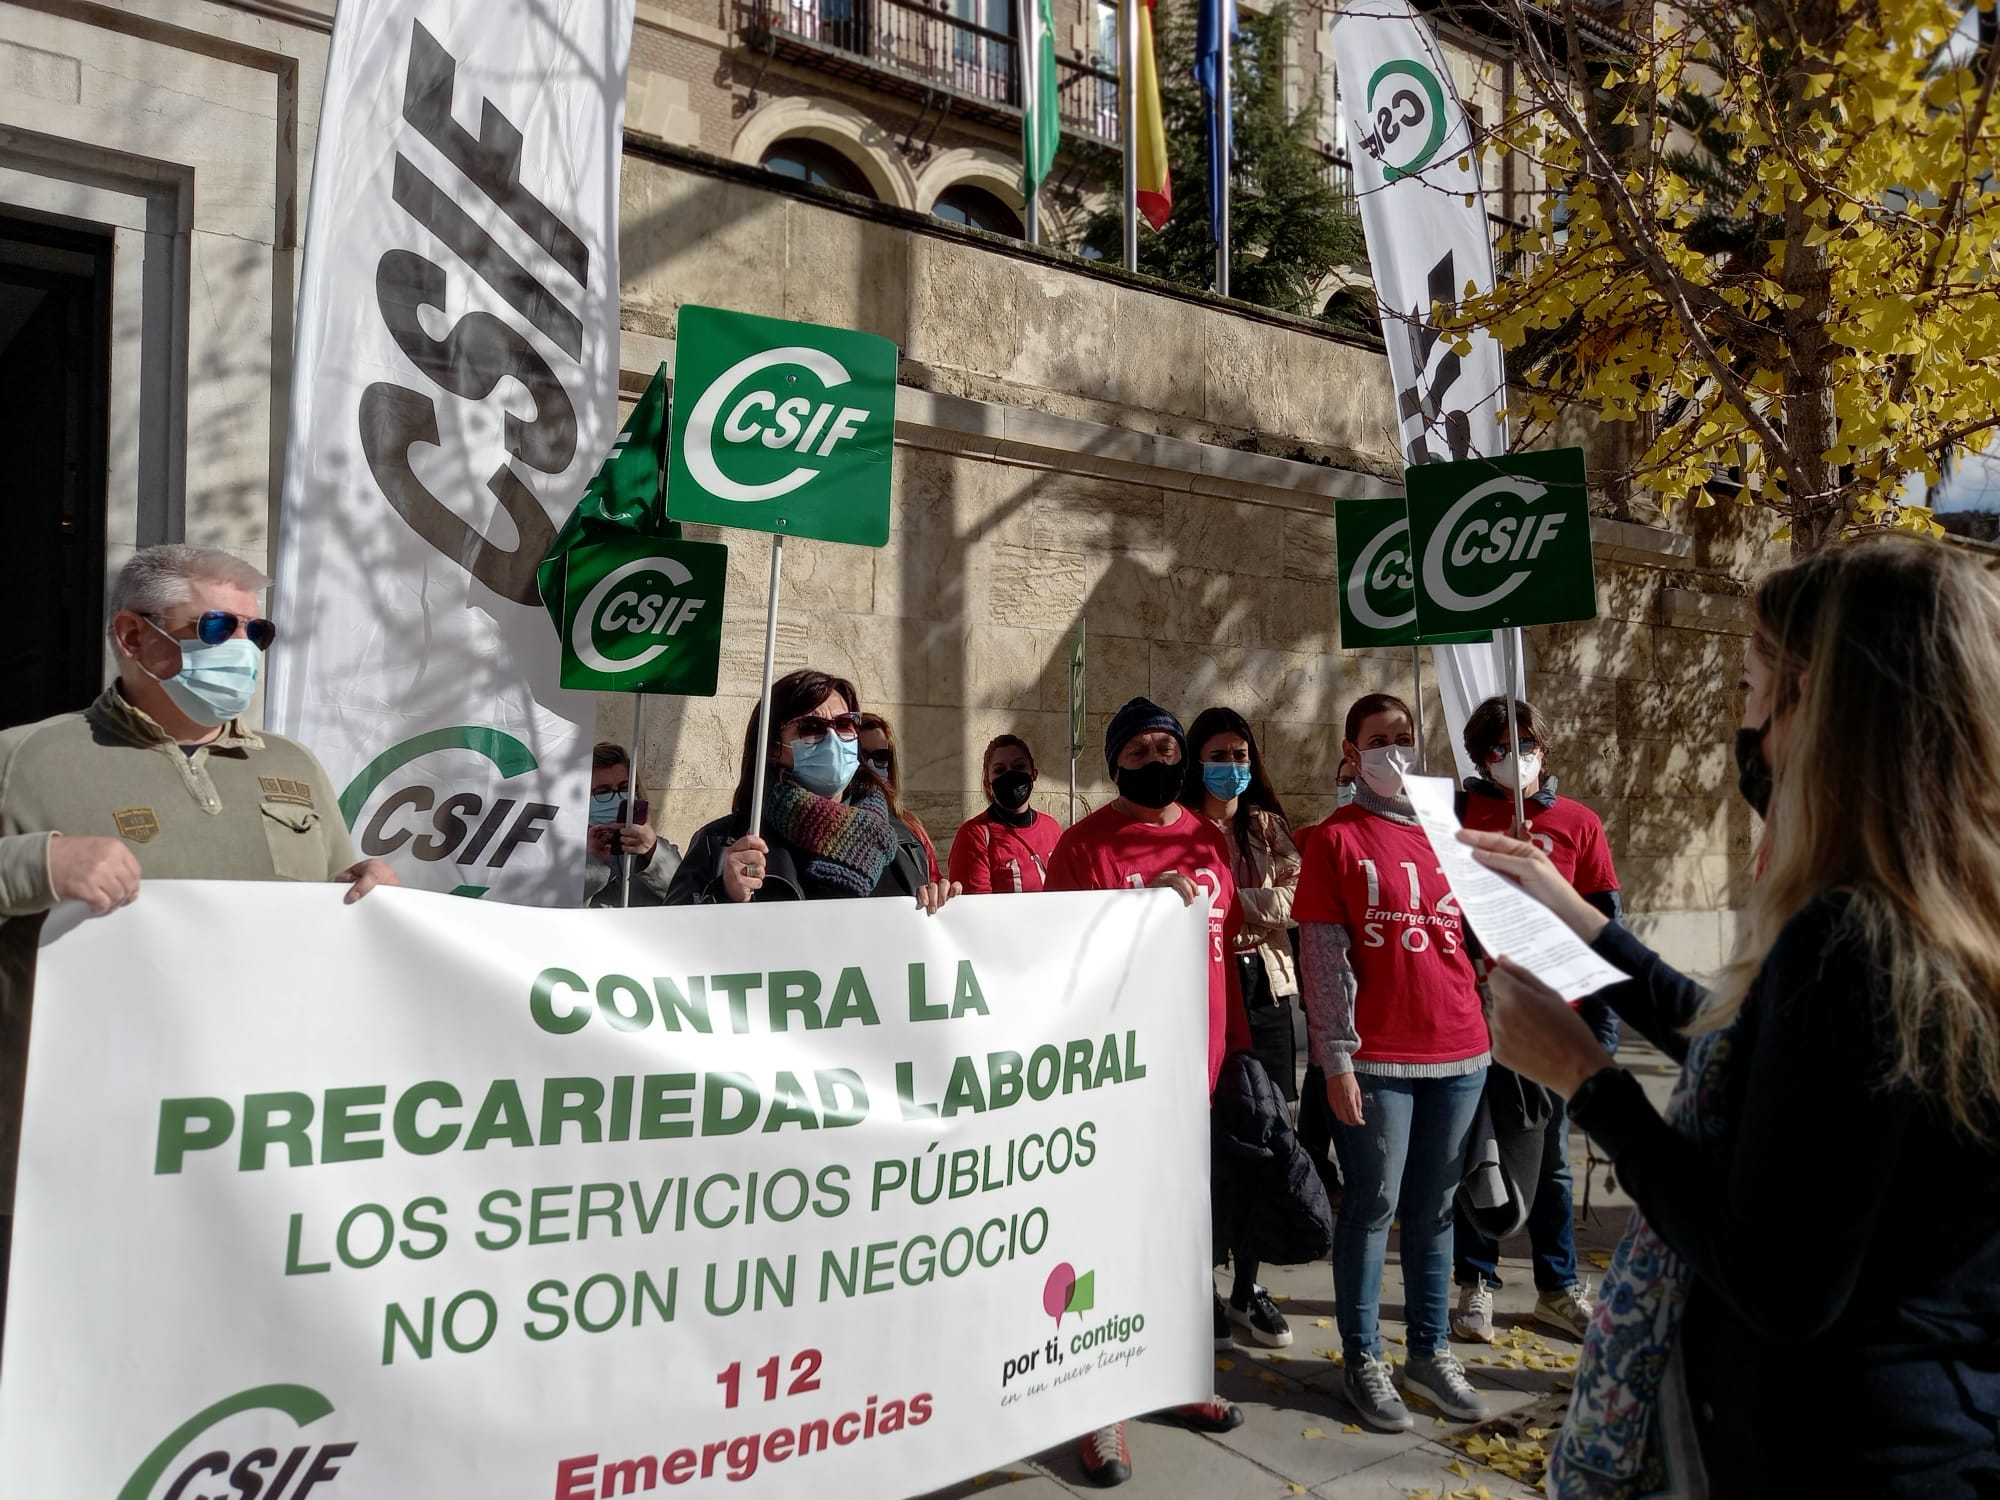 CSIF protesta contra la precariedad que sufren los trabajadores del servicio de emergencias 112